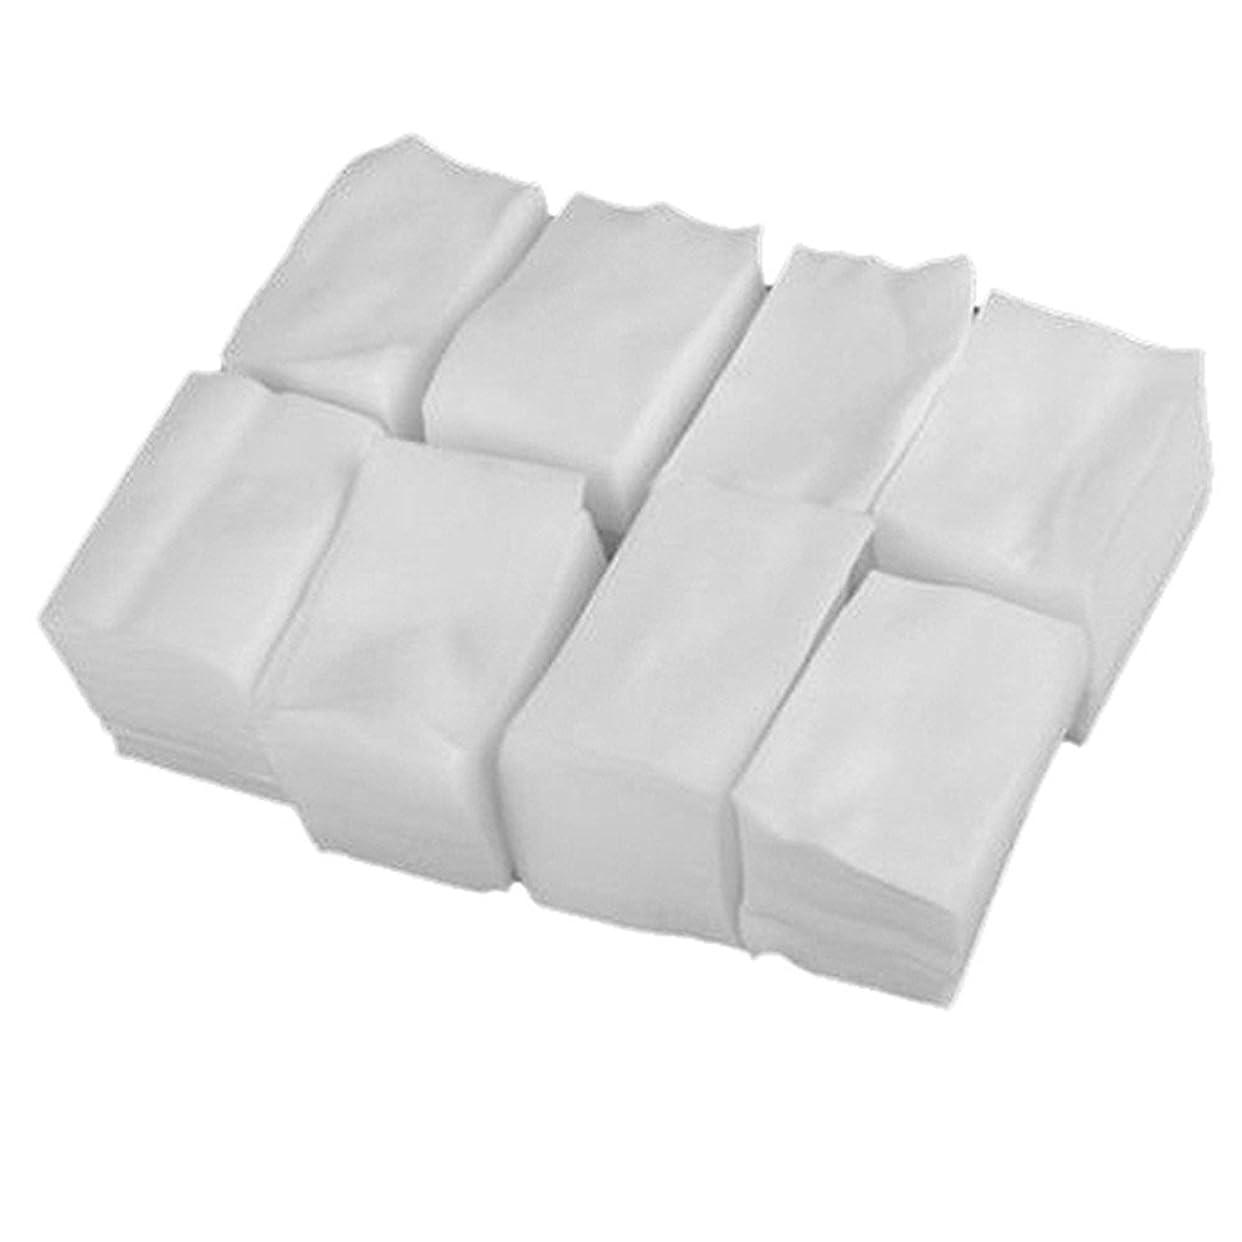 一致するトーナメント枯渇するVi.yo ネイル ジェル ワイプ 天然素材 不織布 コットン ジェルの拭き取り 油分除去 クリーニング 900枚以上